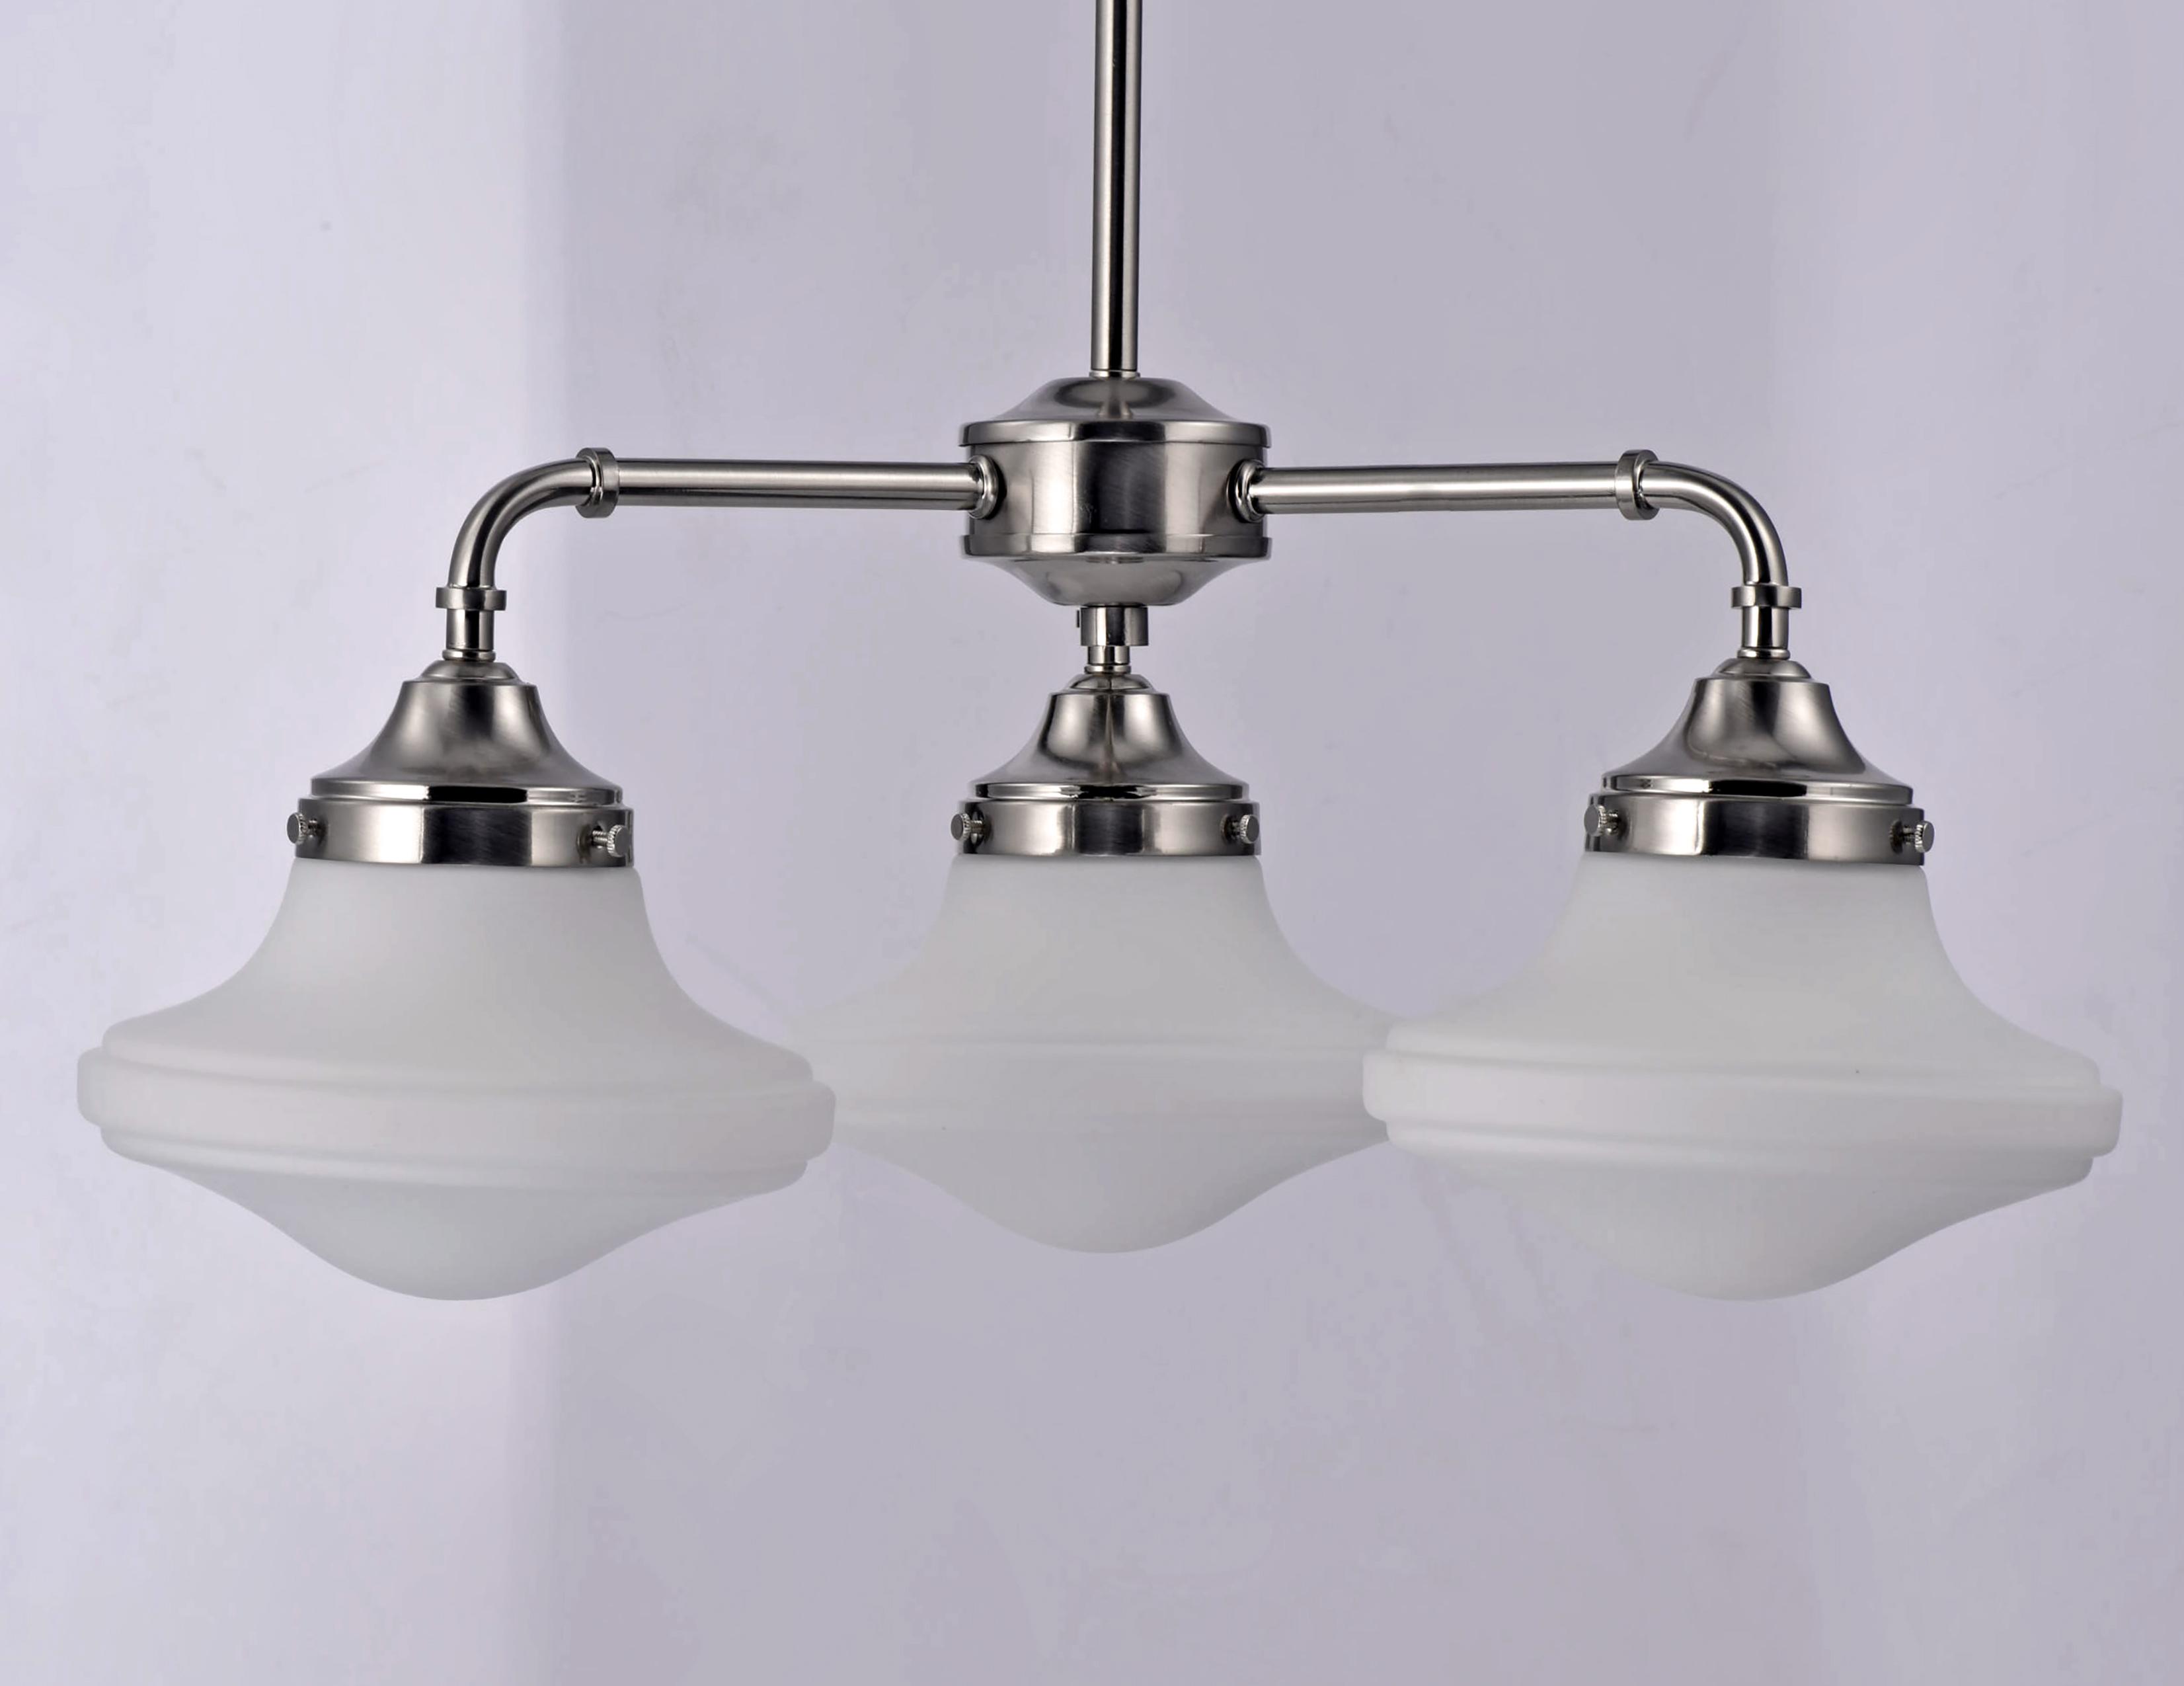 New School 3 Light LED Chandelier